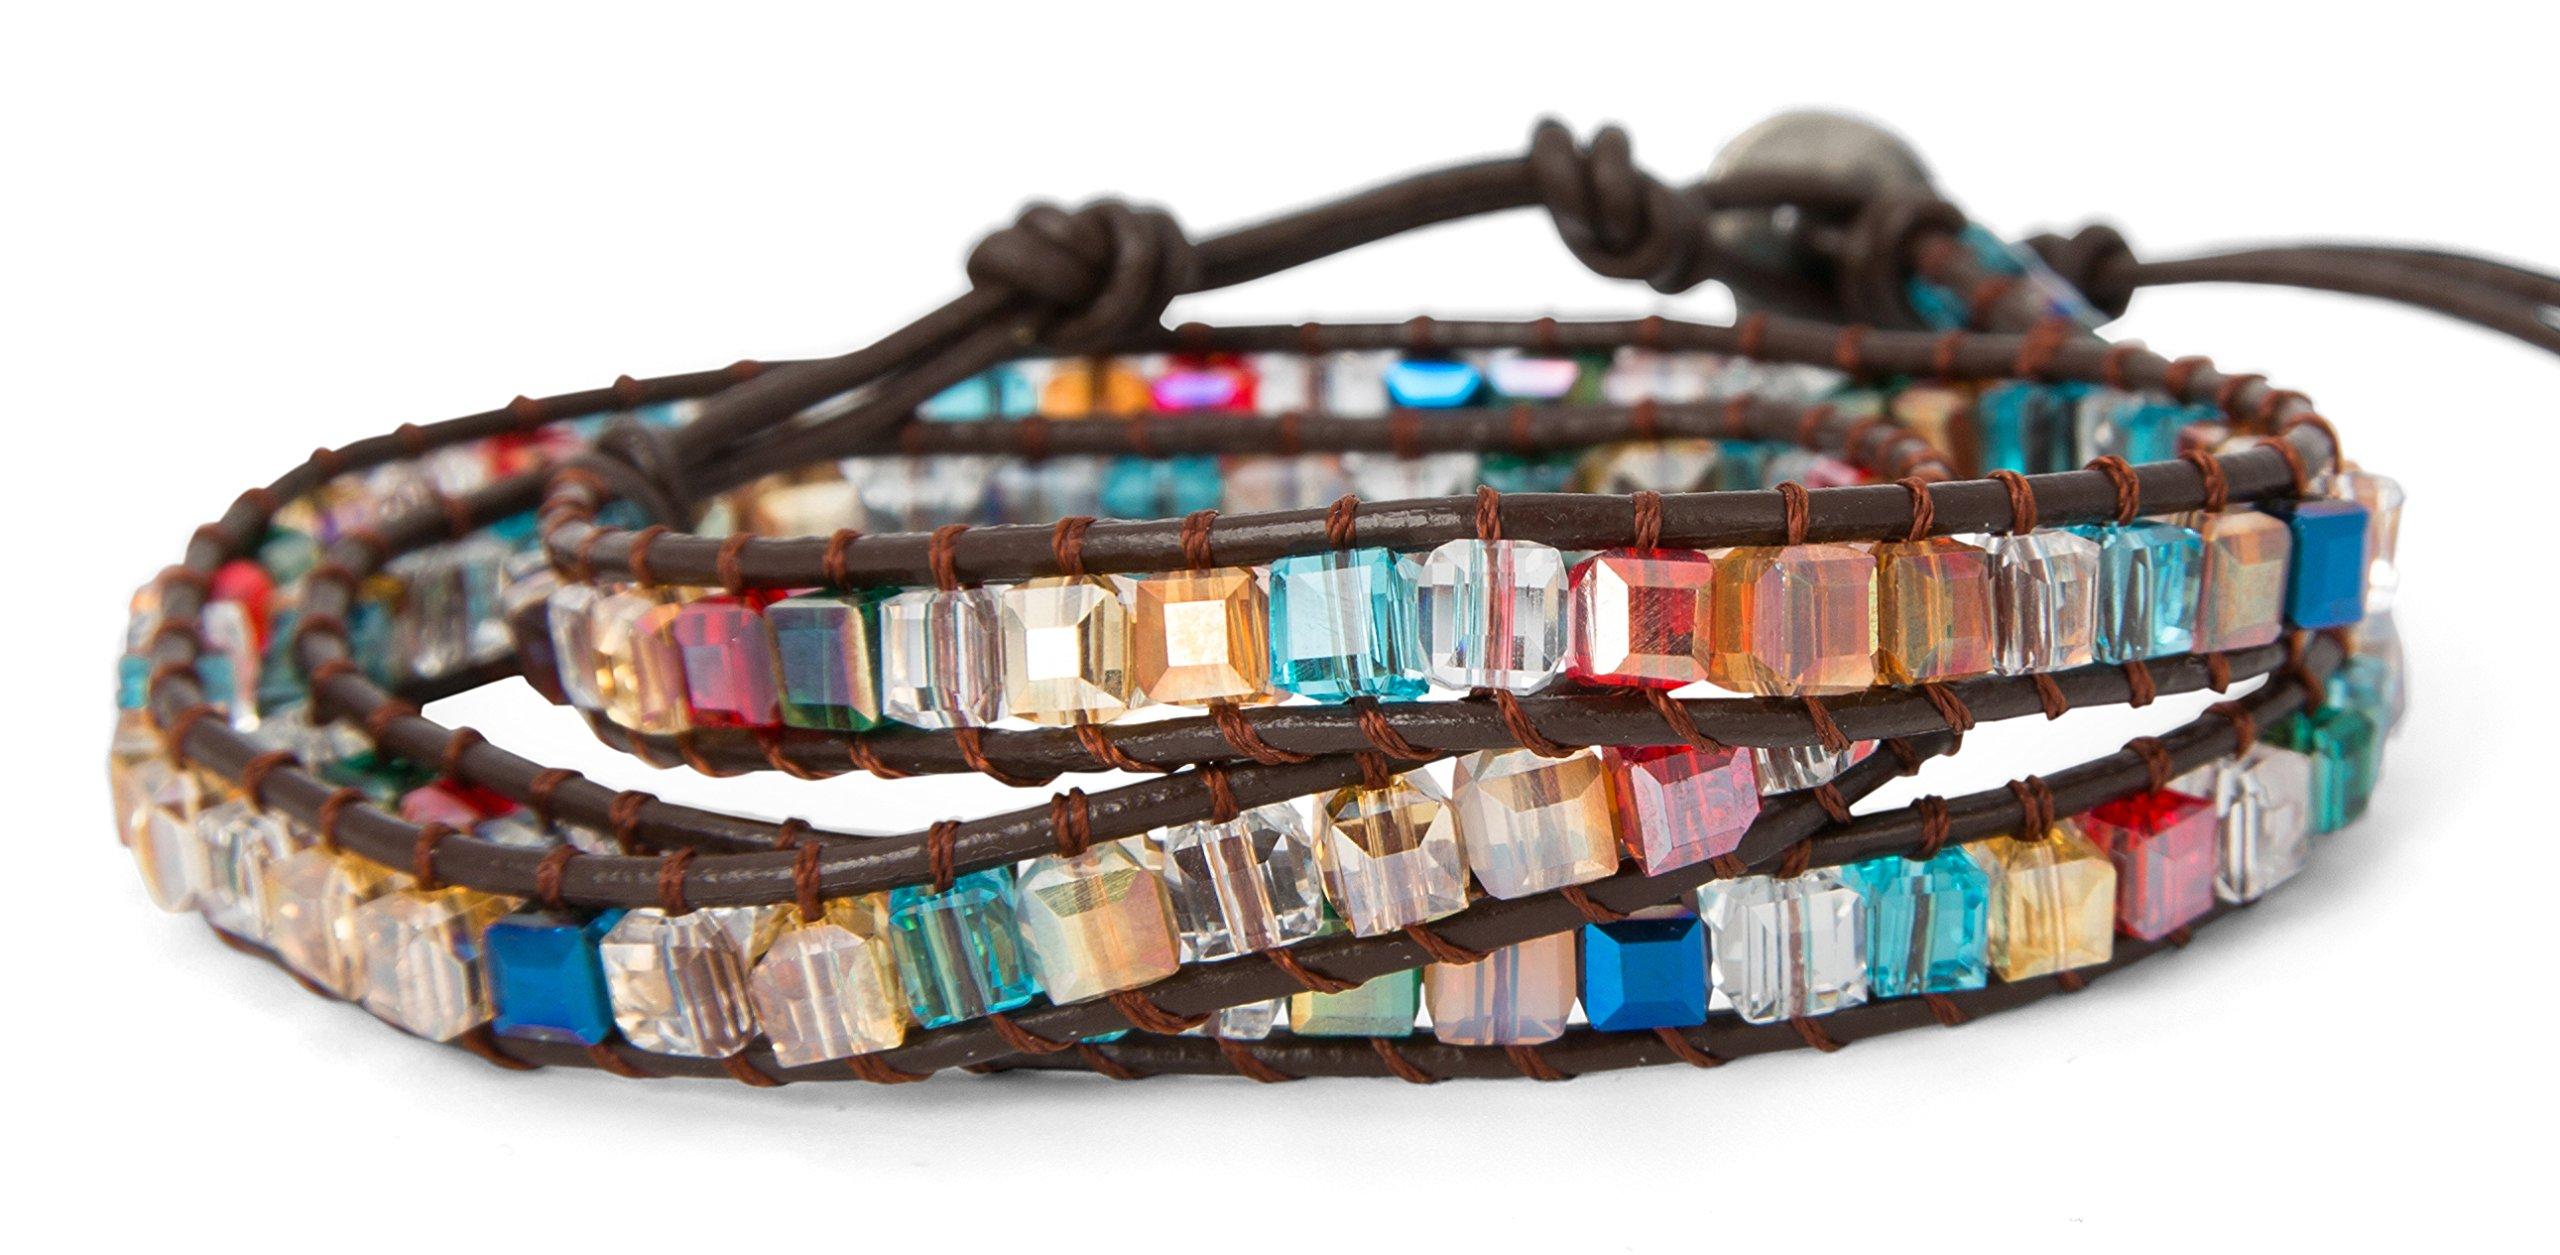 SPUNKYsoul 3 Wrap Dazzling Multi Color Crystal Leather Bracelet Collection by SPUNKYsoul